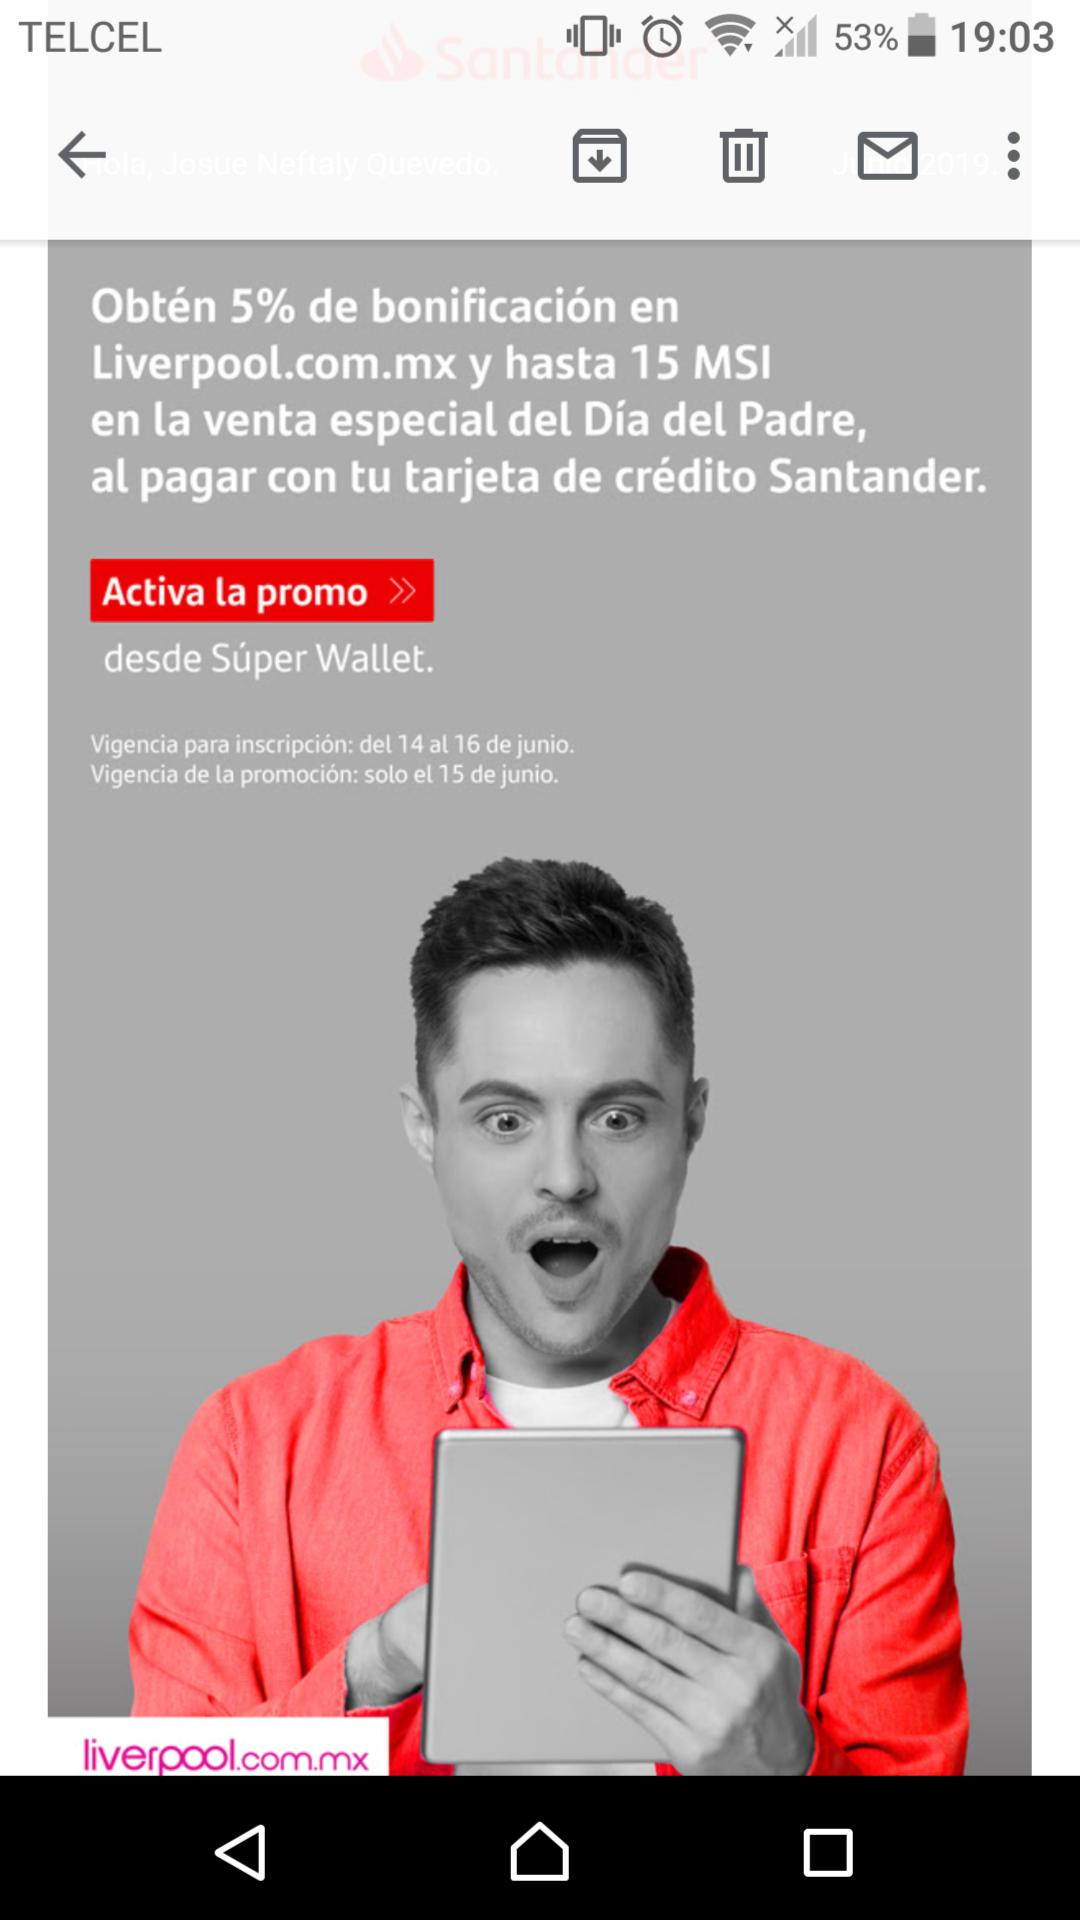 Liverpool: 5% bonificación y 15 MSI con tarjeta de crédito Santander